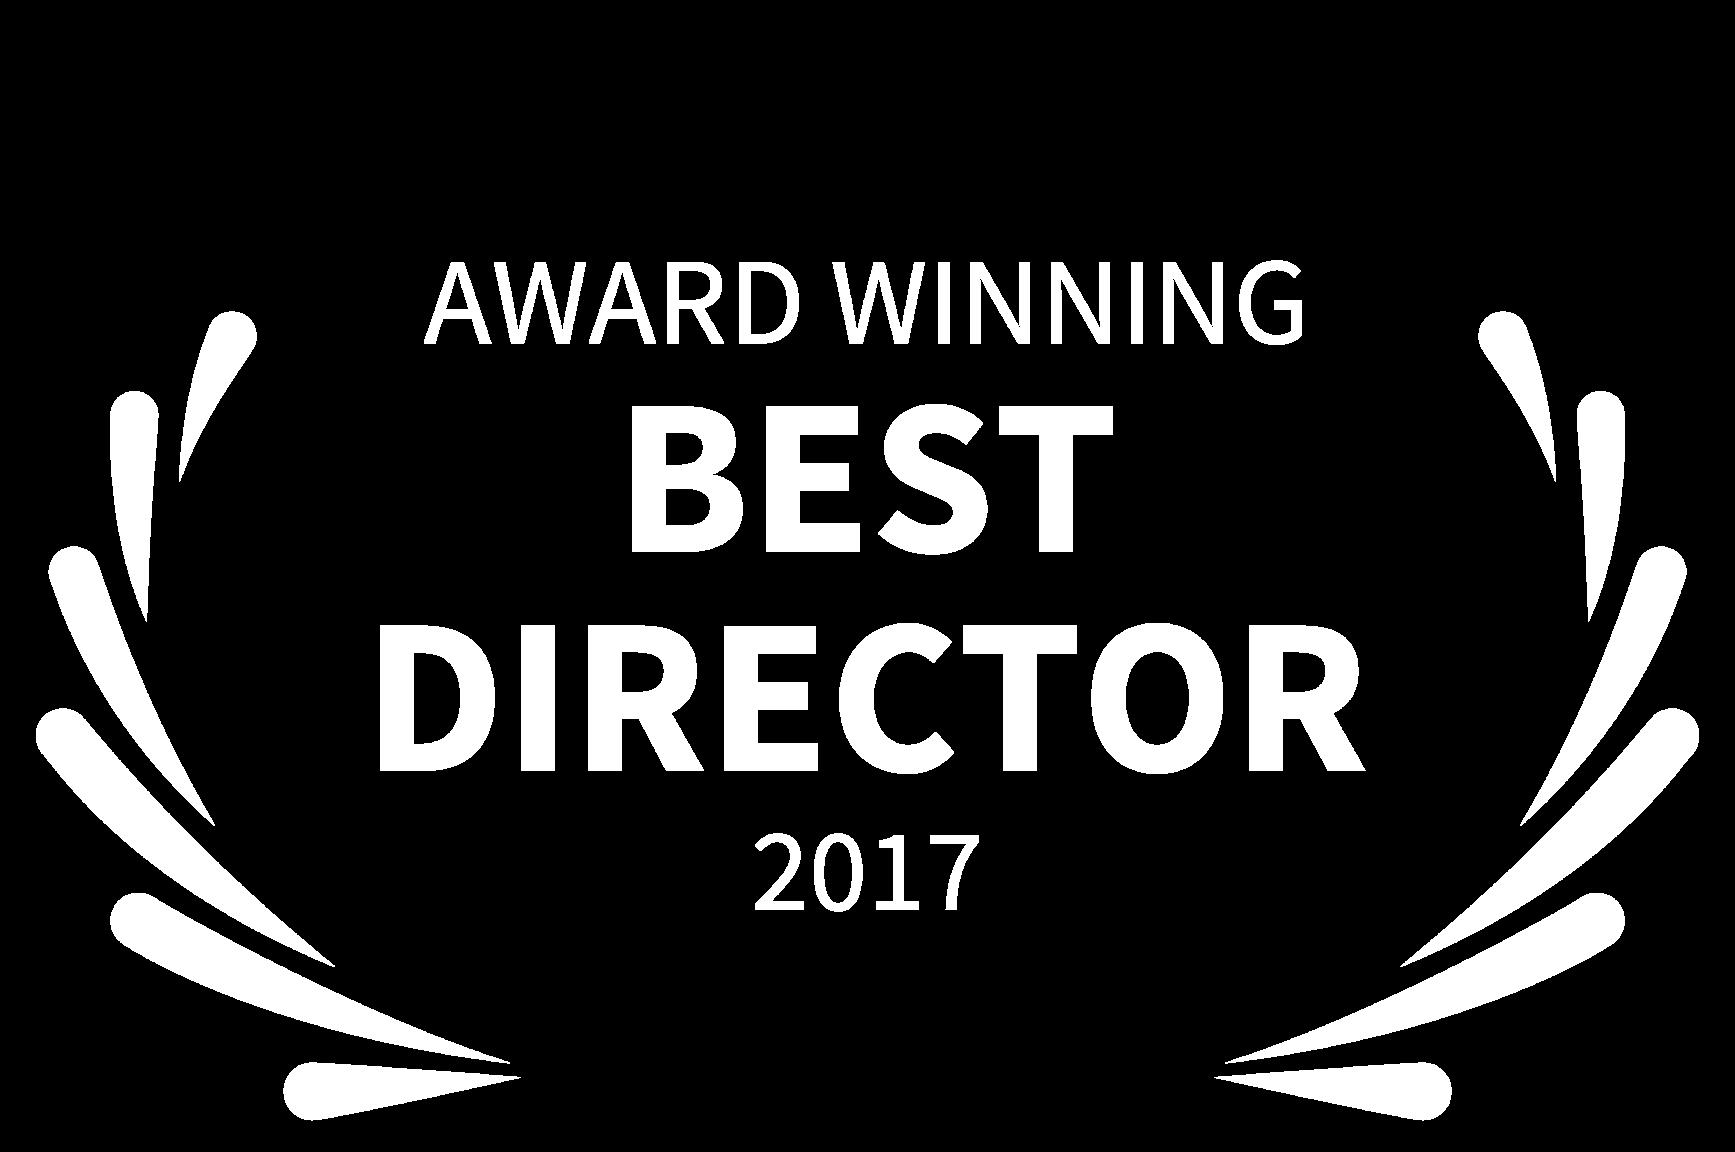 AWARD WINNING - BEST DIRECTOR - 2017.png